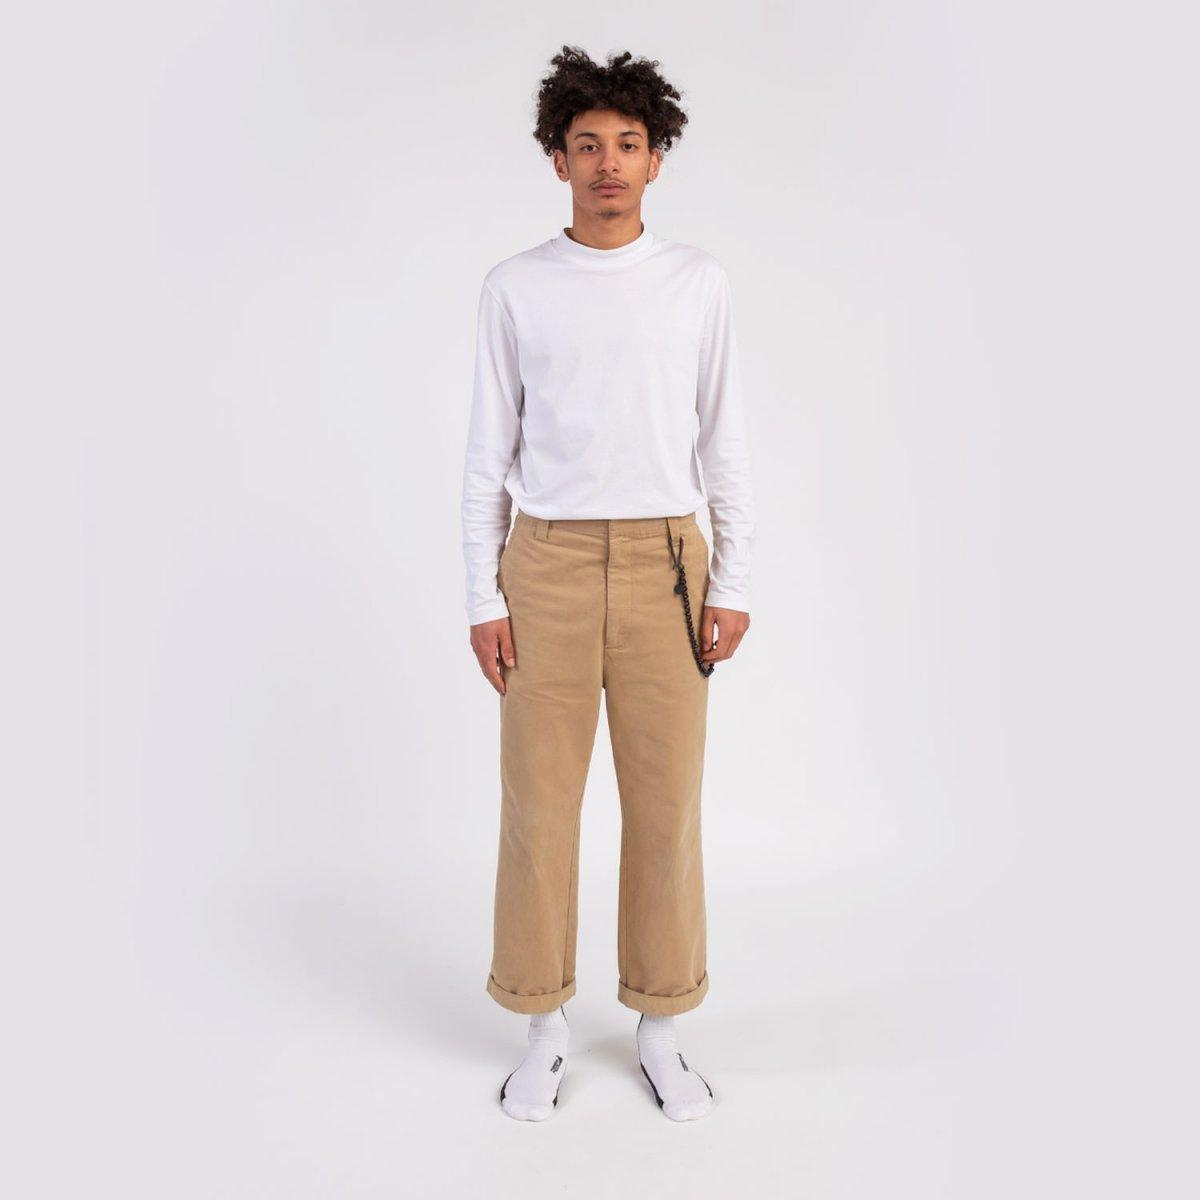 catena-pantalone-nera-fabbrica-0010